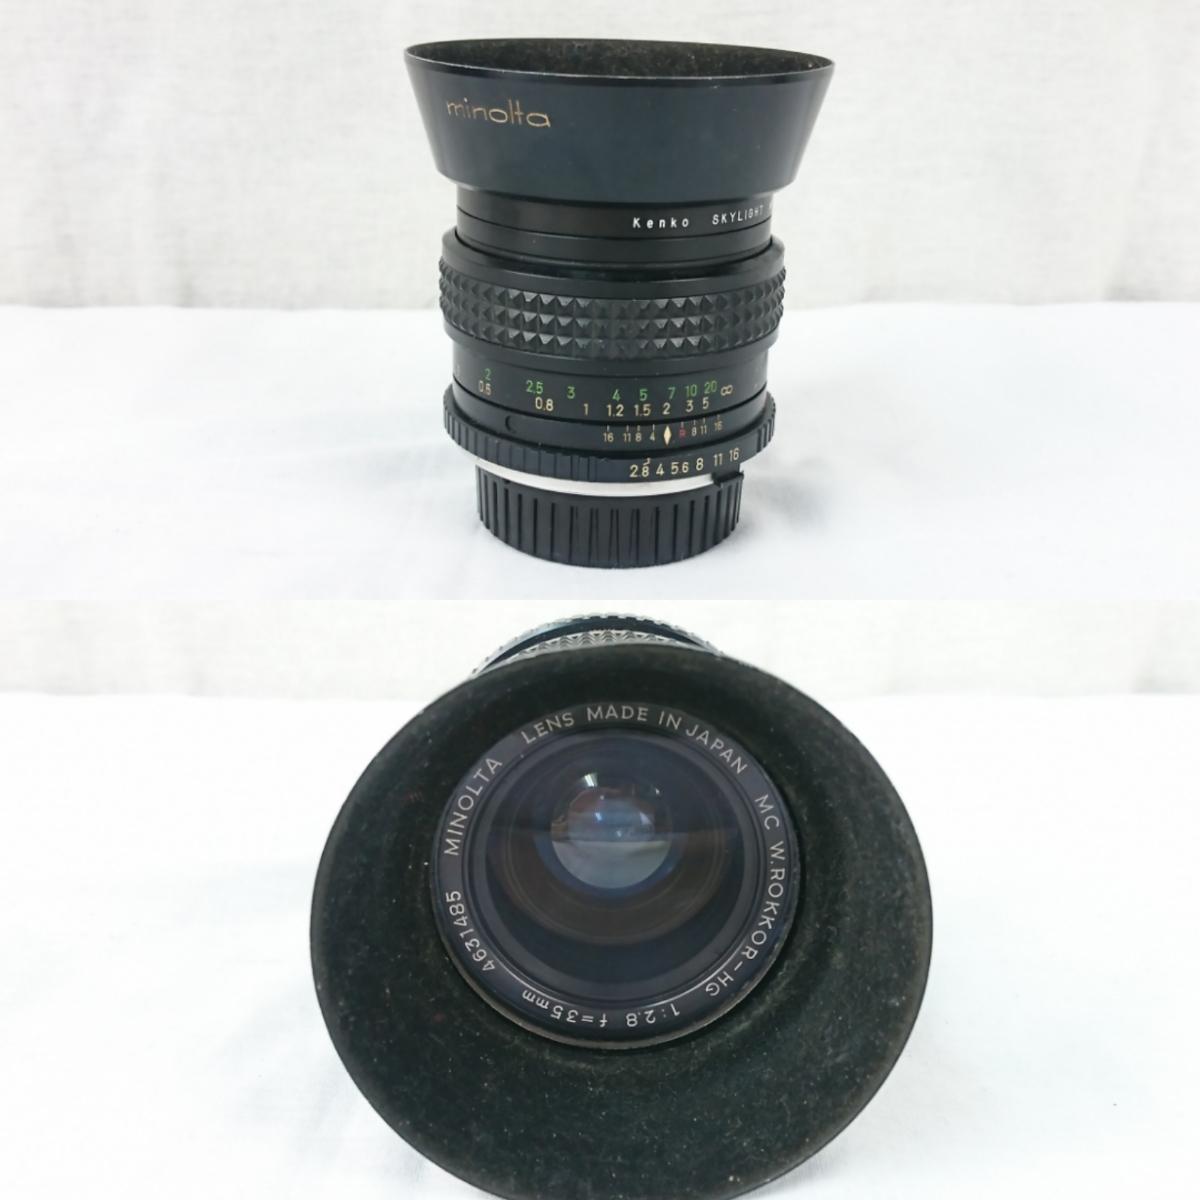 【GK-542】 名機! MINOLTA ミノルタ X-1 一眼レフ フィルムカメラ MC TELE ROKKOR-PF 1:2.8 f=135mm/ MC FISH-EYE ROKKOR-OK 1:2.8 f=16mm _画像8